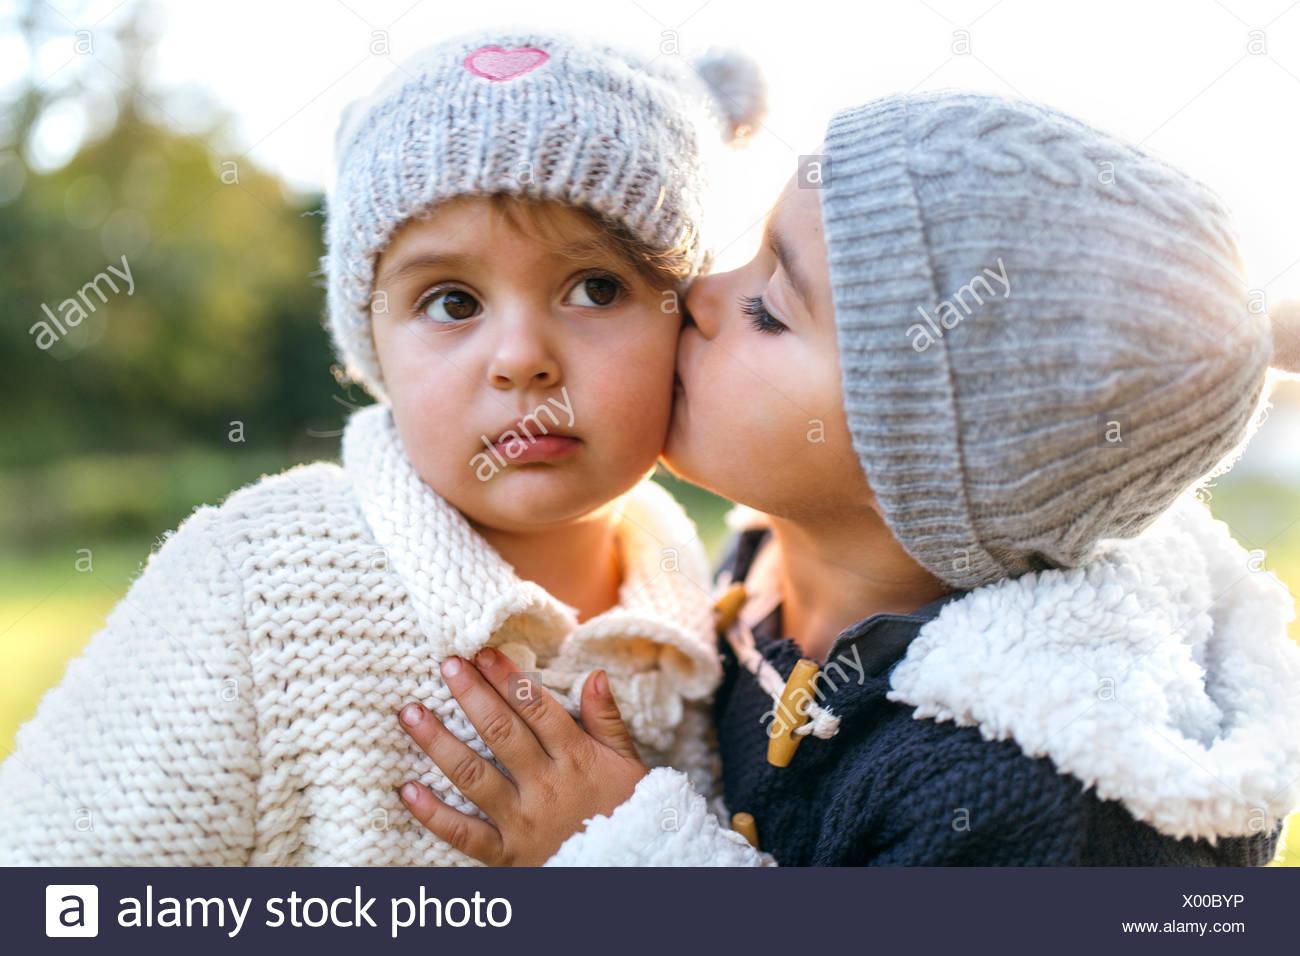 Little girl kissing another little girl - Stock Image